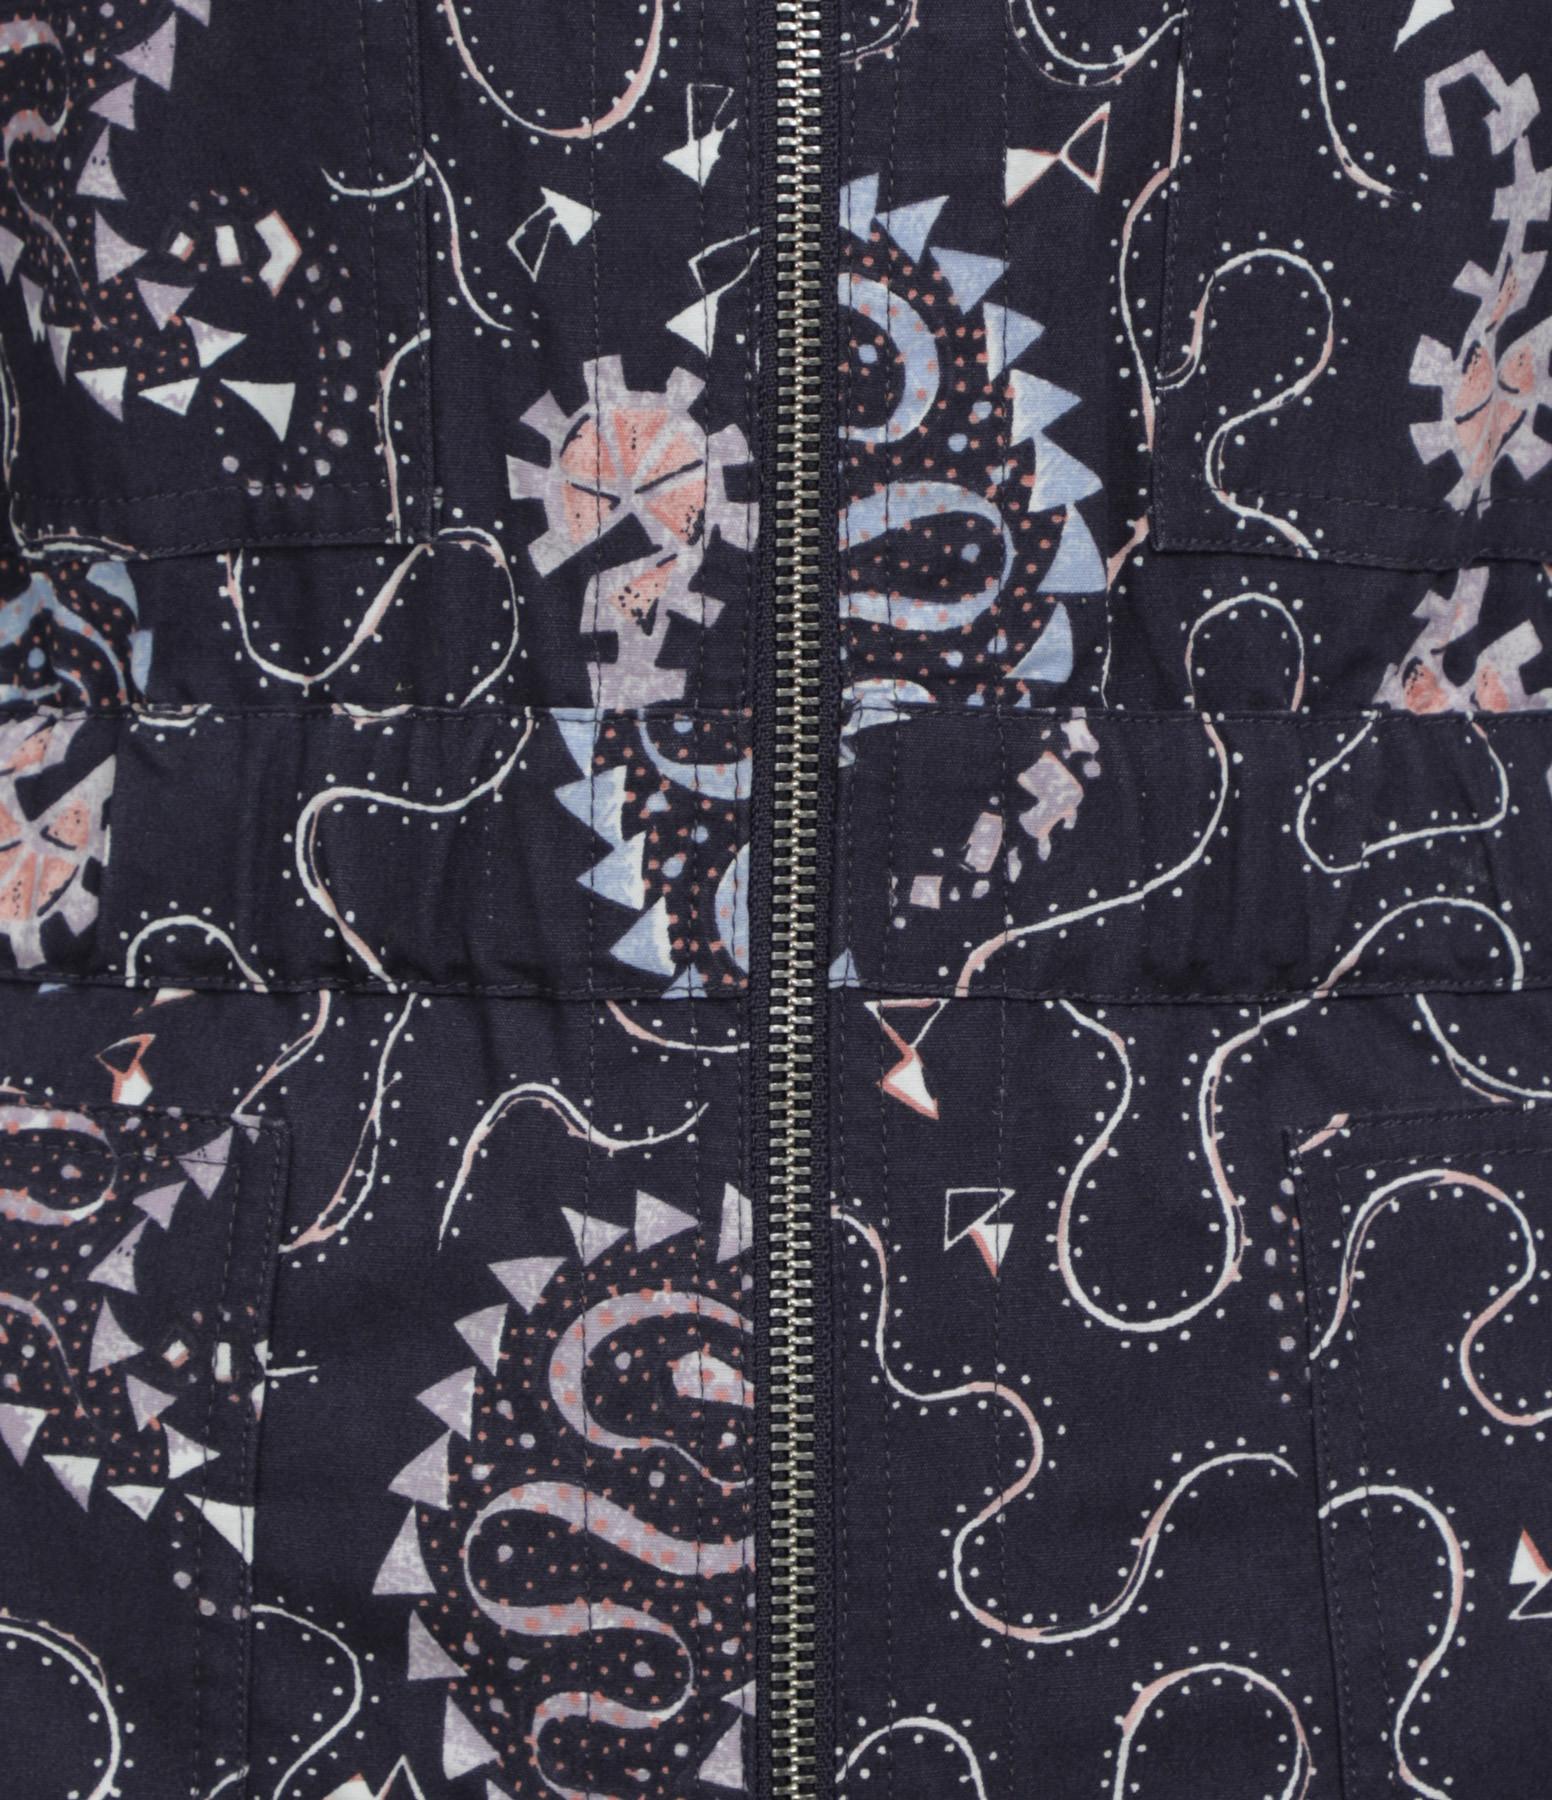 ISABEL MARANT ÉTOILE - Combinaison Nilaney Coton Bleu Nuit